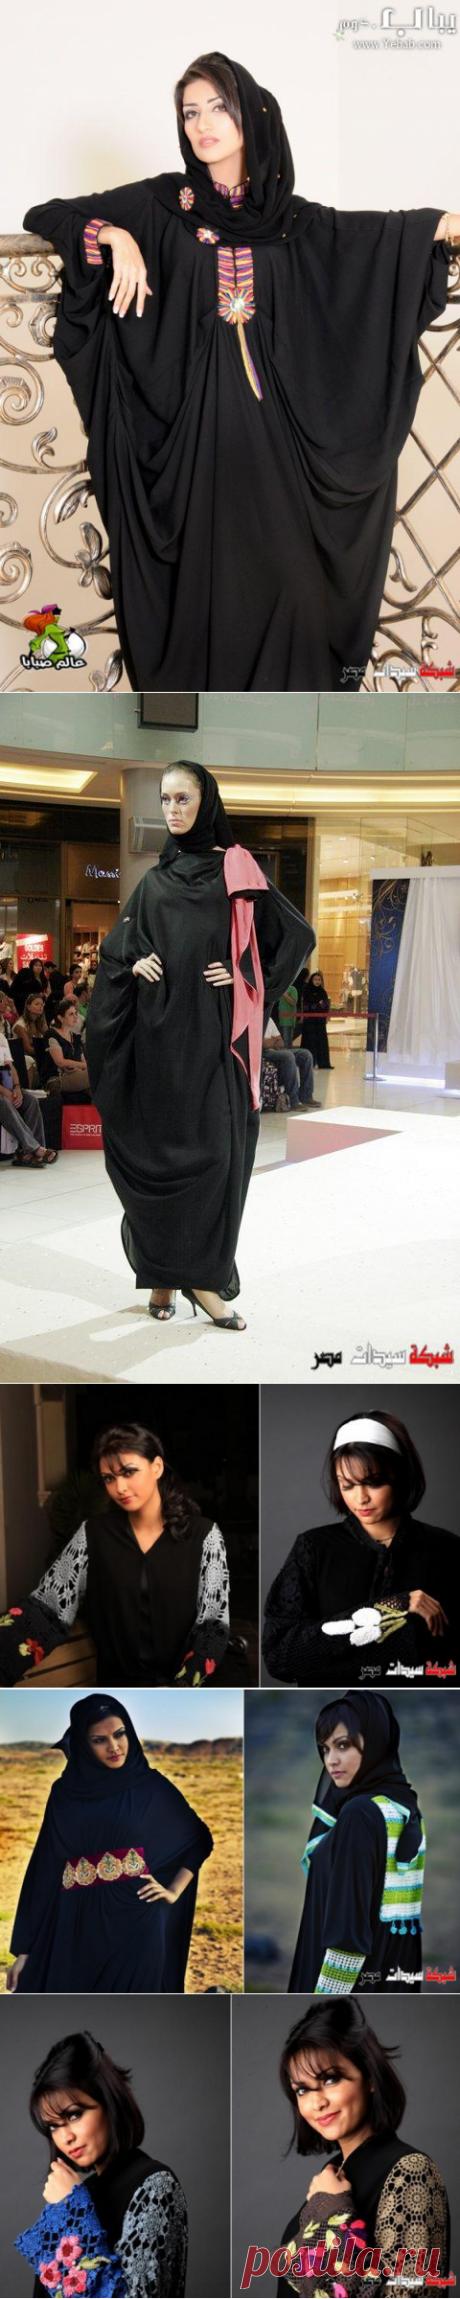 عبايات سوداء - عبايات مودرن - عبايات خليجية سوداء - Modern Abaya 2020